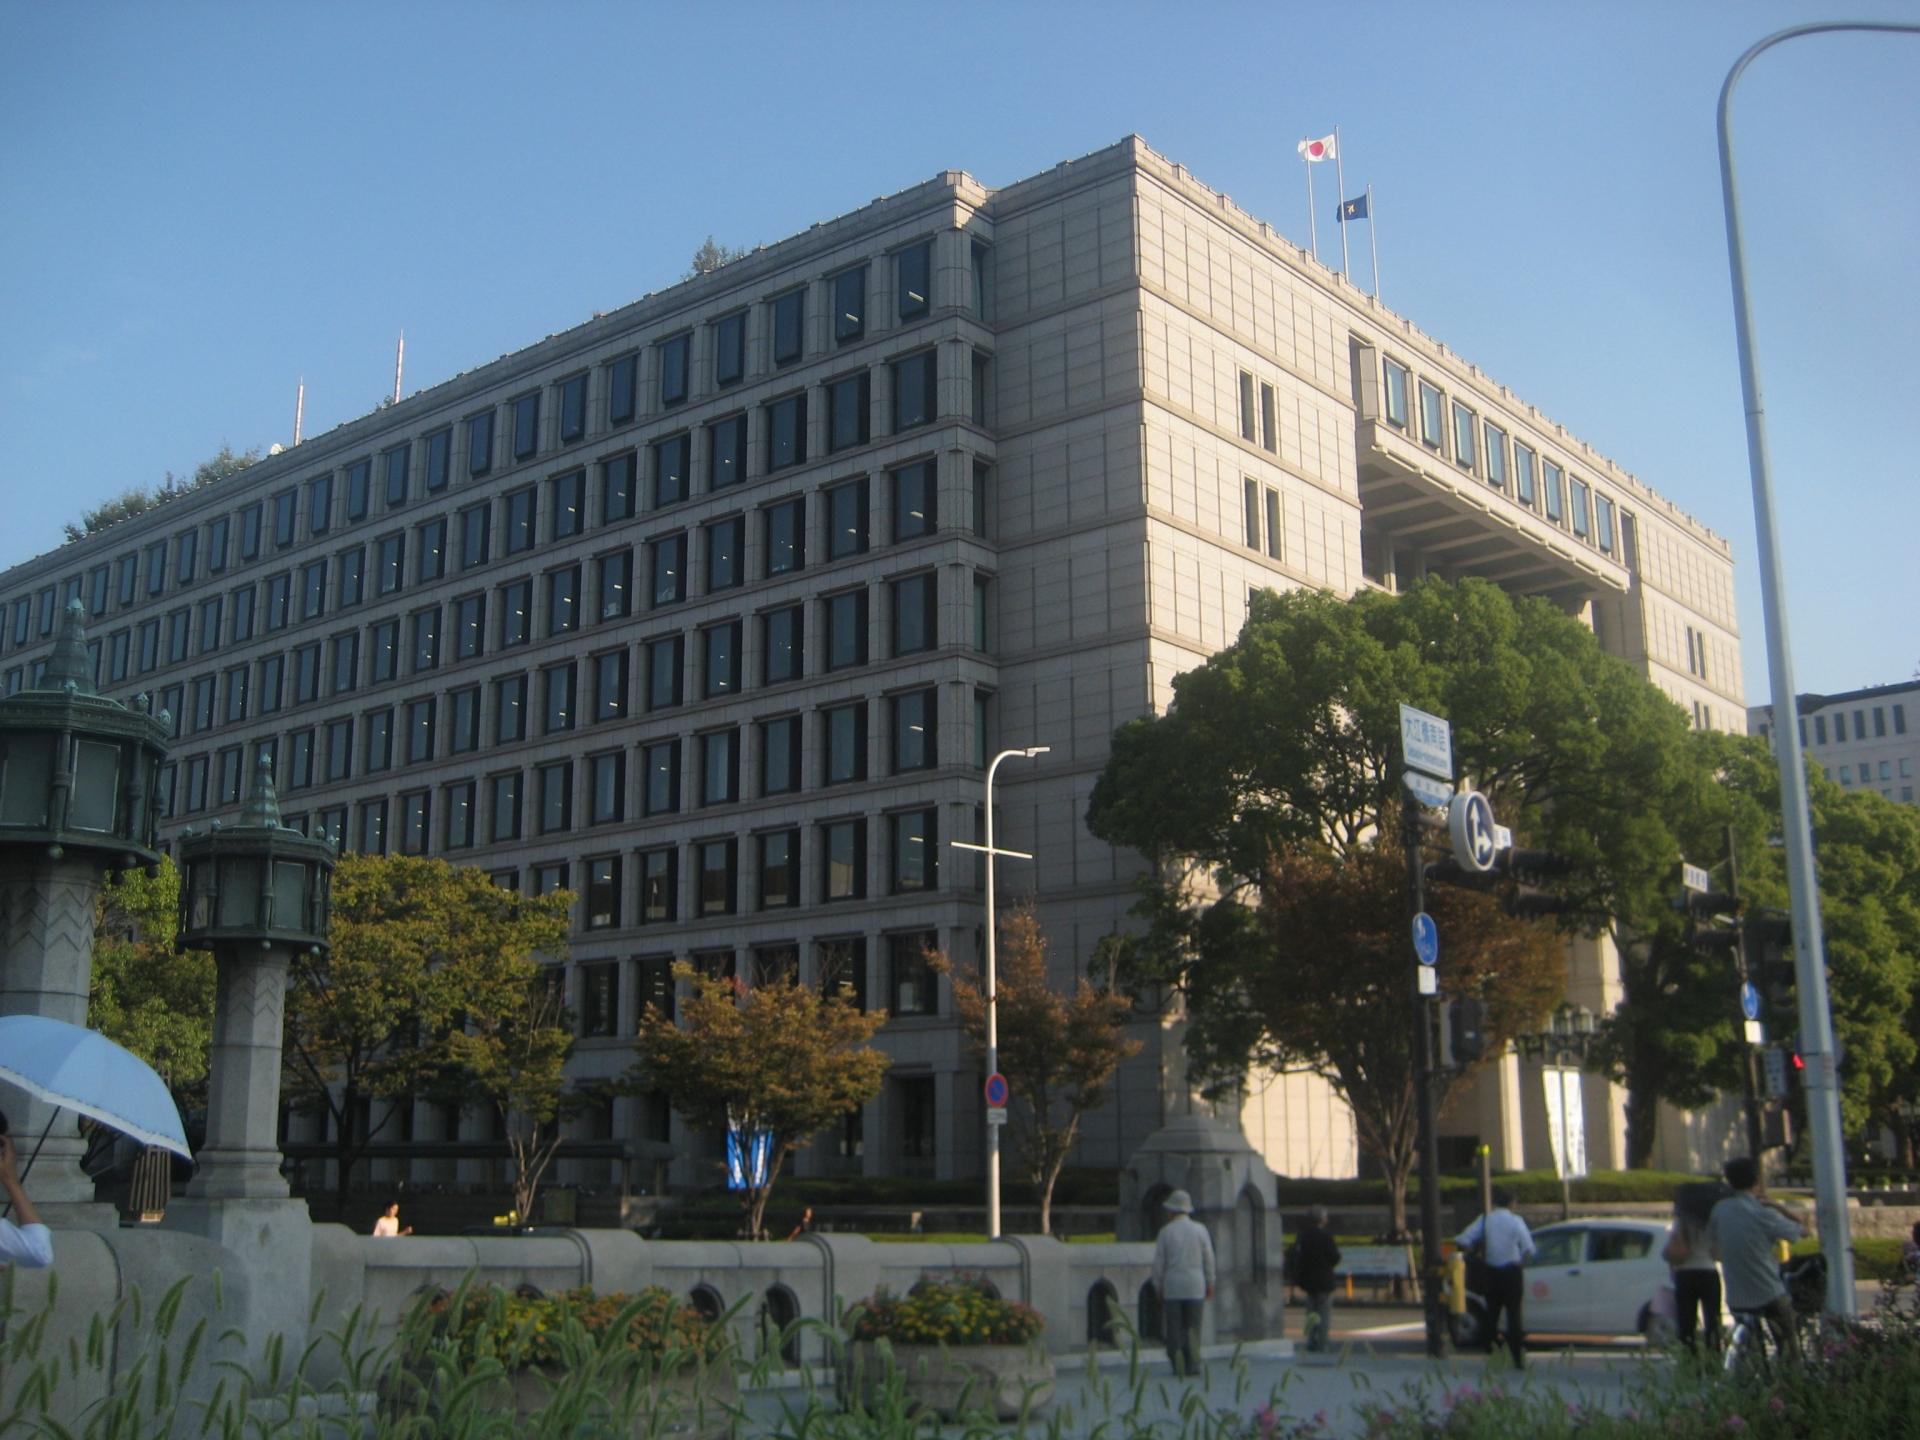 県庁と市役所の違いに関するまとめ